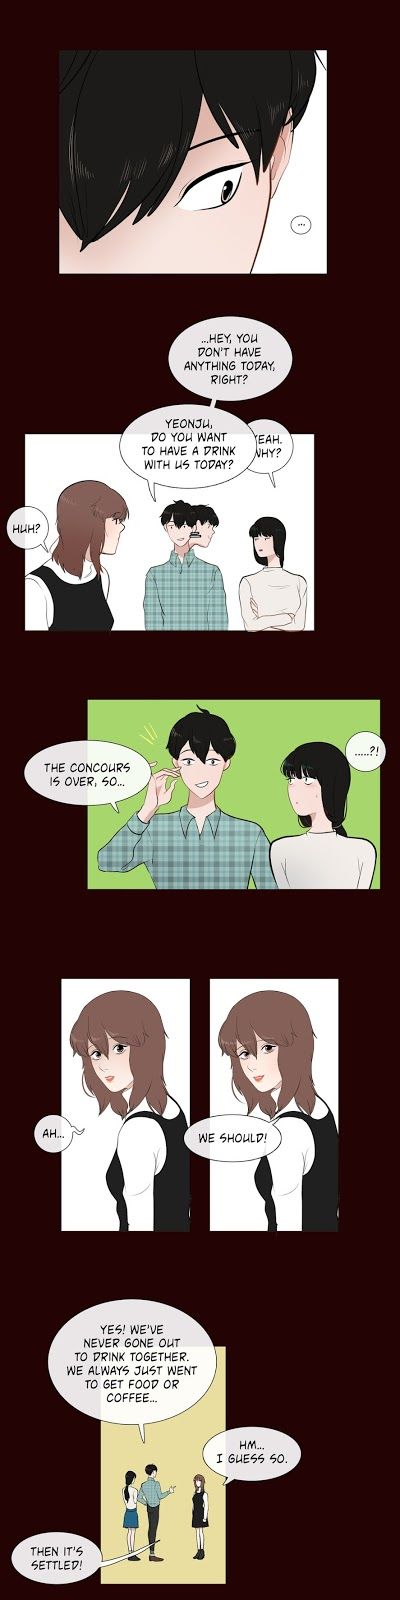 Serenade (keum Kyesoo) - Chapter 11